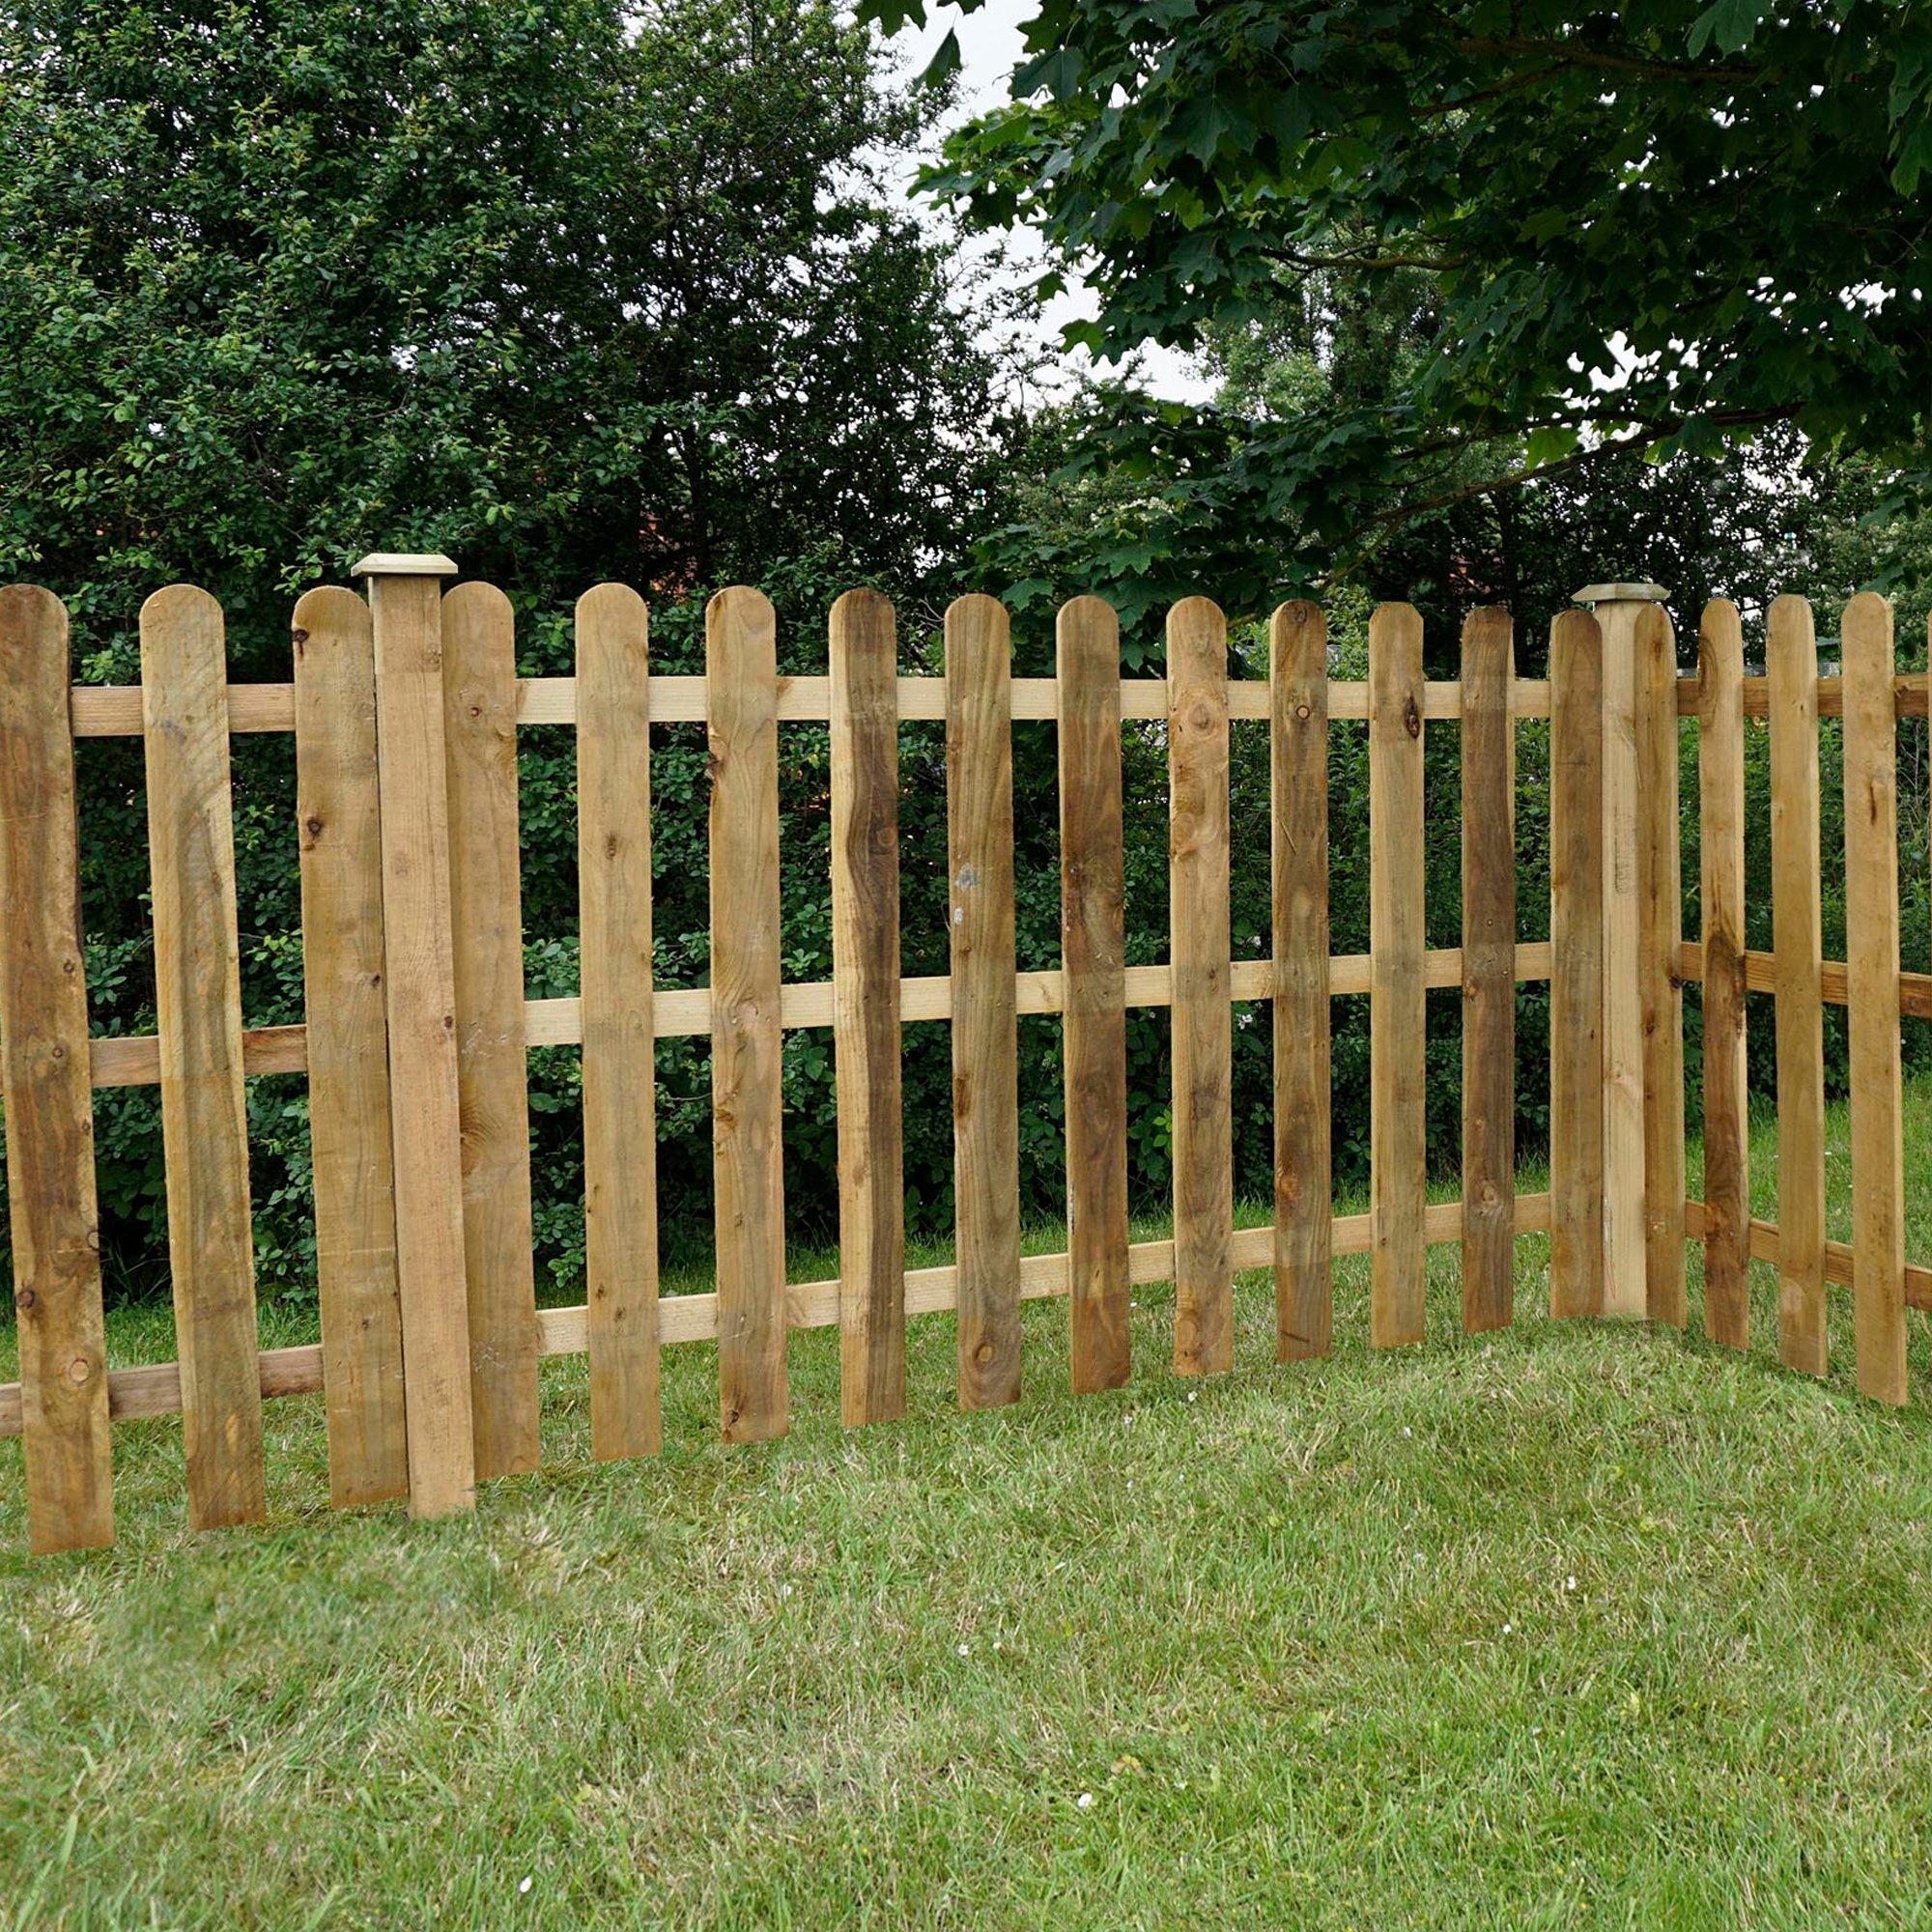 Waltons - Valla de madera tratada, puntas redondeadas, cercado para jardines, 1, 2 x 1, 8 m: Amazon.es: Jardín